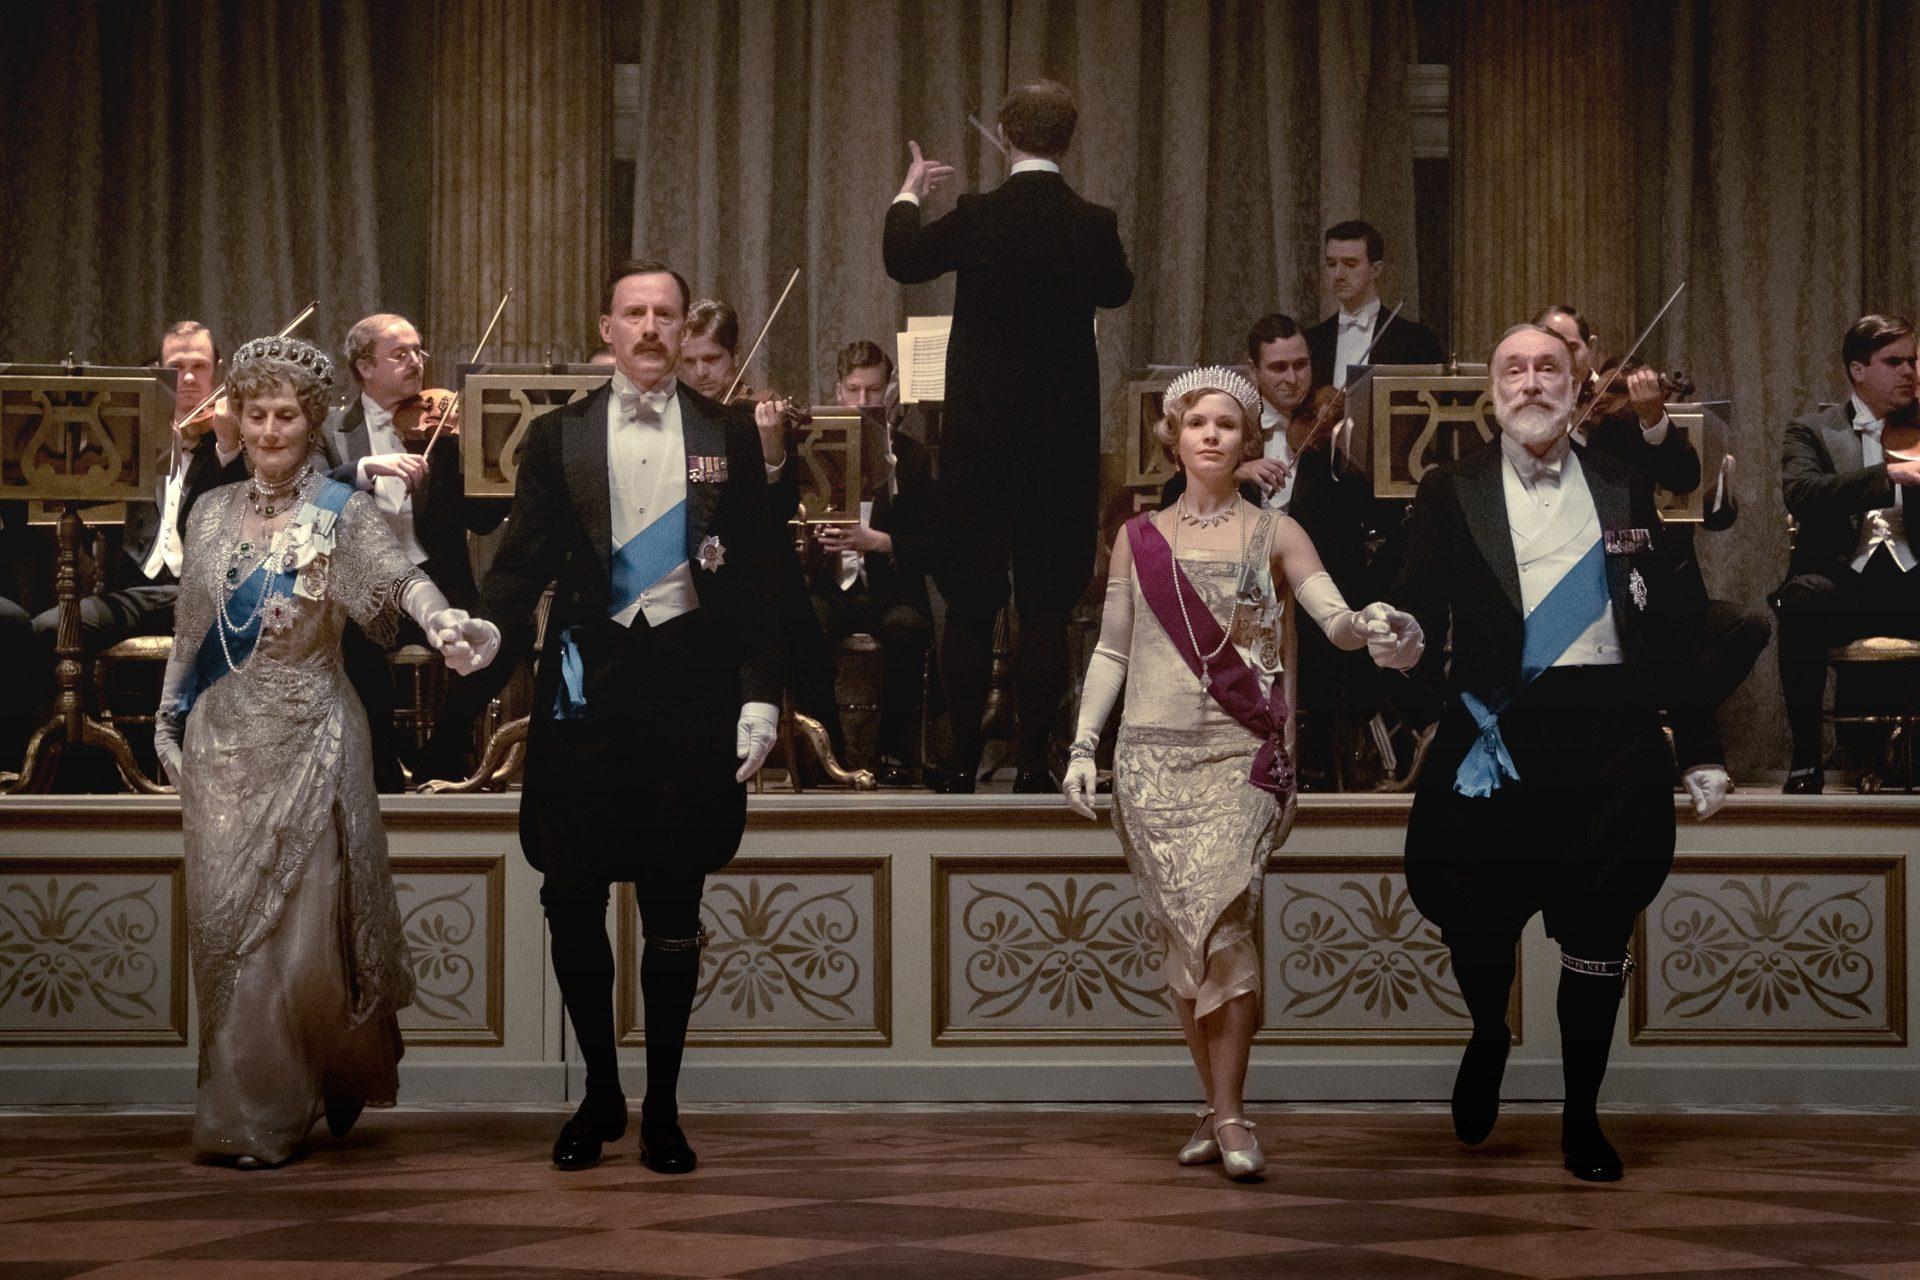 《唐頓莊園》皇家盛宴大銀幕呈現 英國演員齊聚飆演技